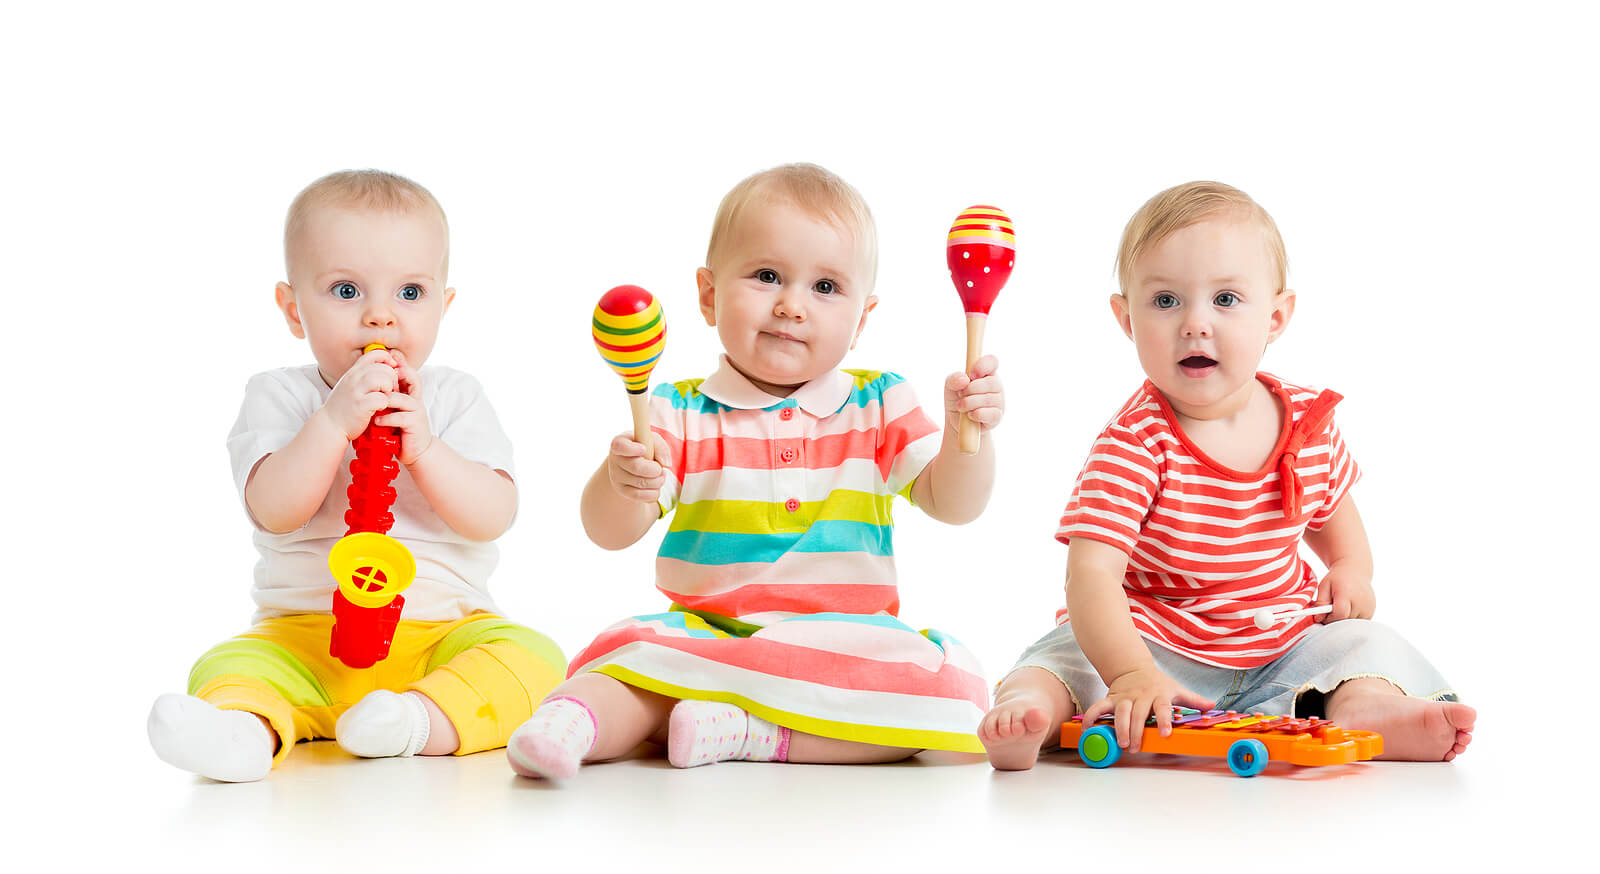 Bebés jugando con objetos musicales.